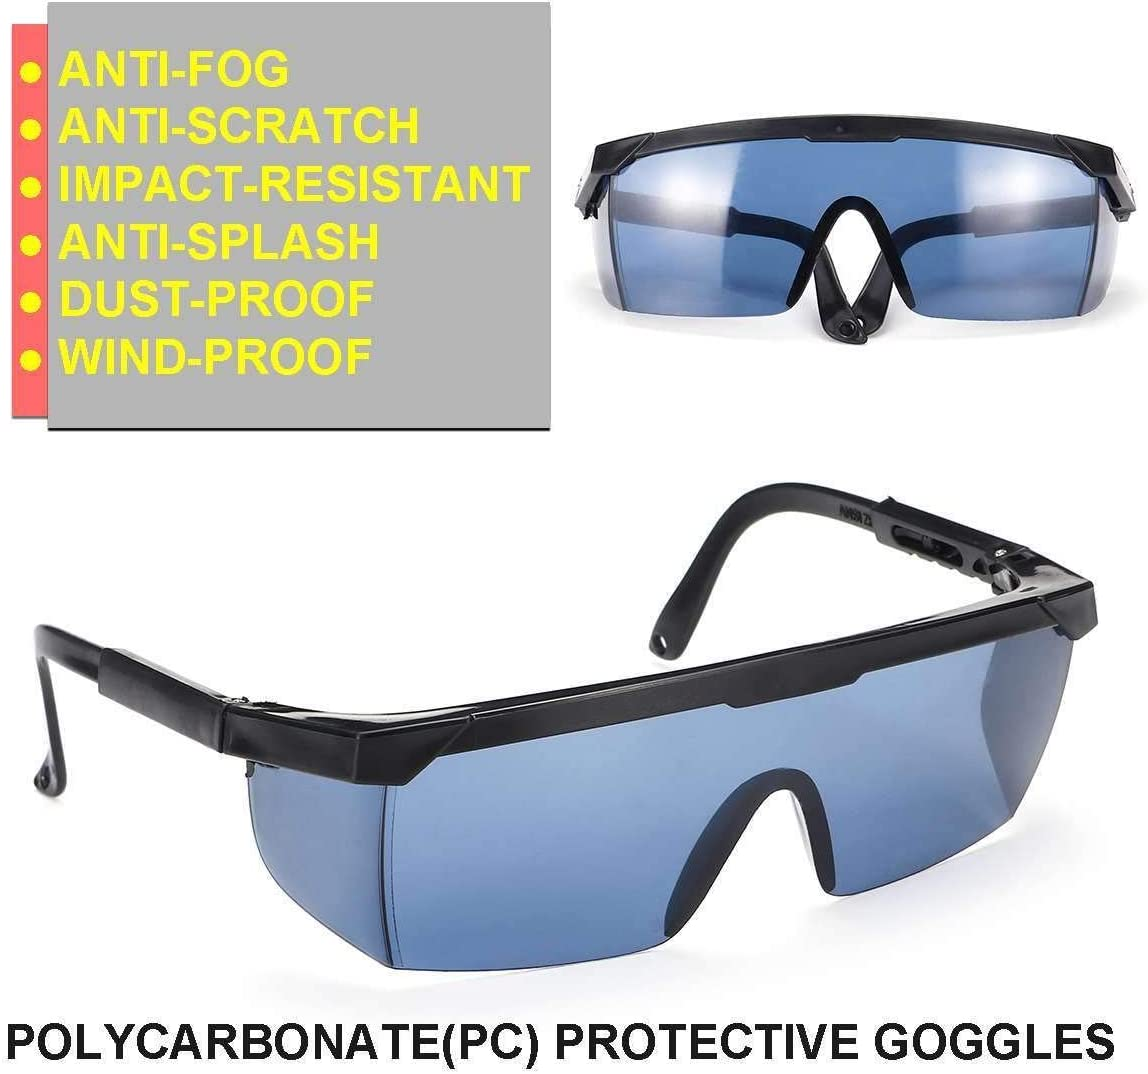 DER Gafas de Seguridad, Caja Protectora contra la Niebla Gafas de Polvo de Viento Splash Gafas Gafas de esquí Casco de Gafas de Sol de los vidrios para Uso Personal, Profesional